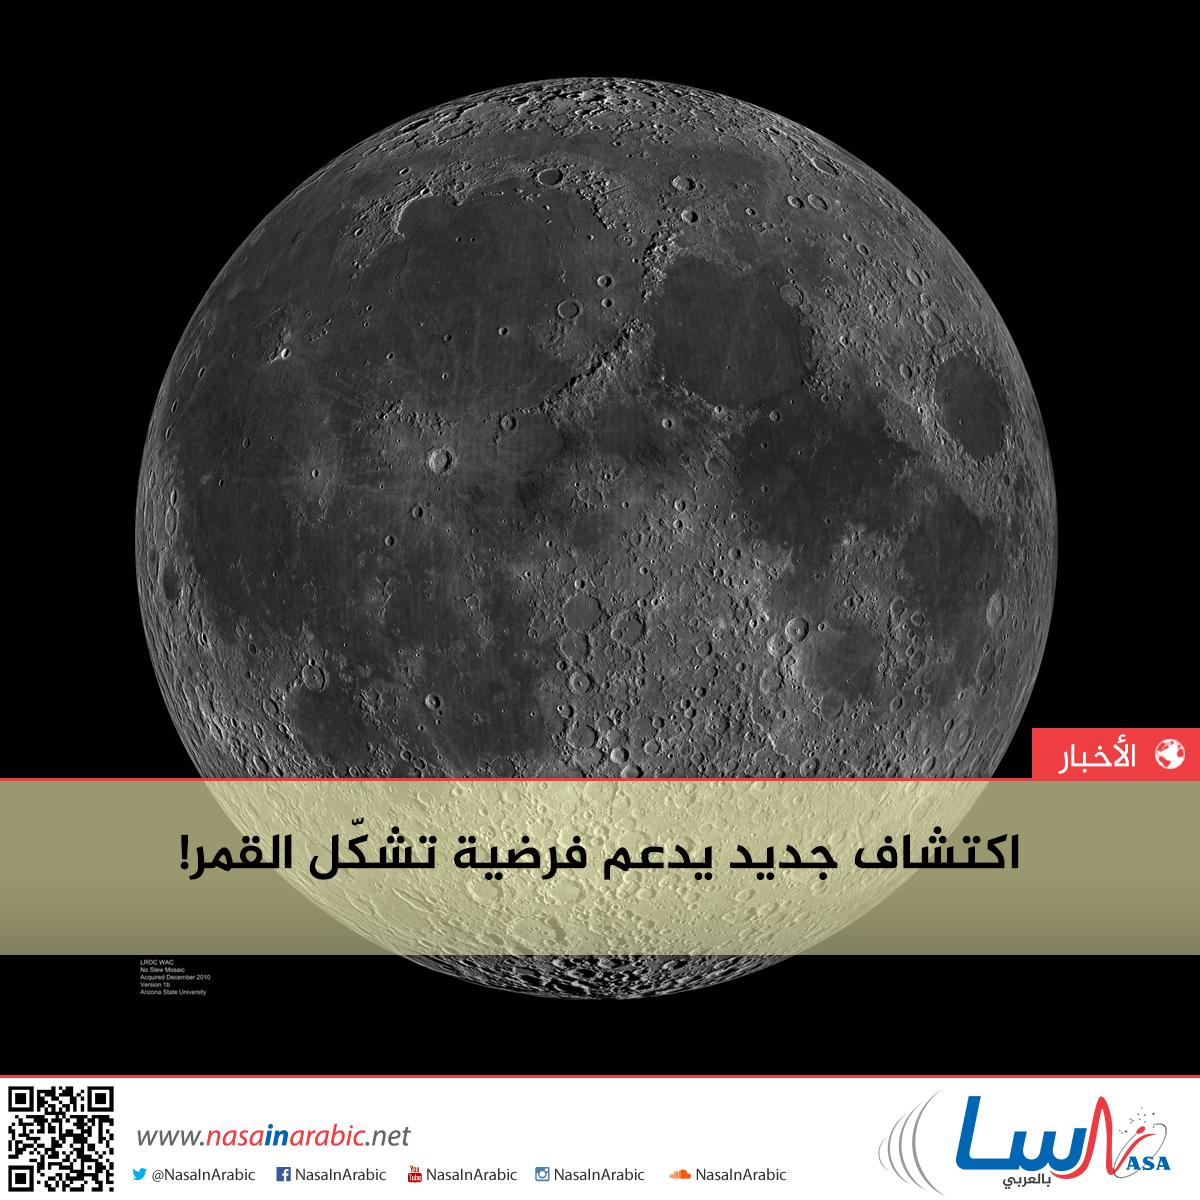 اكتشاف جديد يدعم فرضية تشكّل القمر!